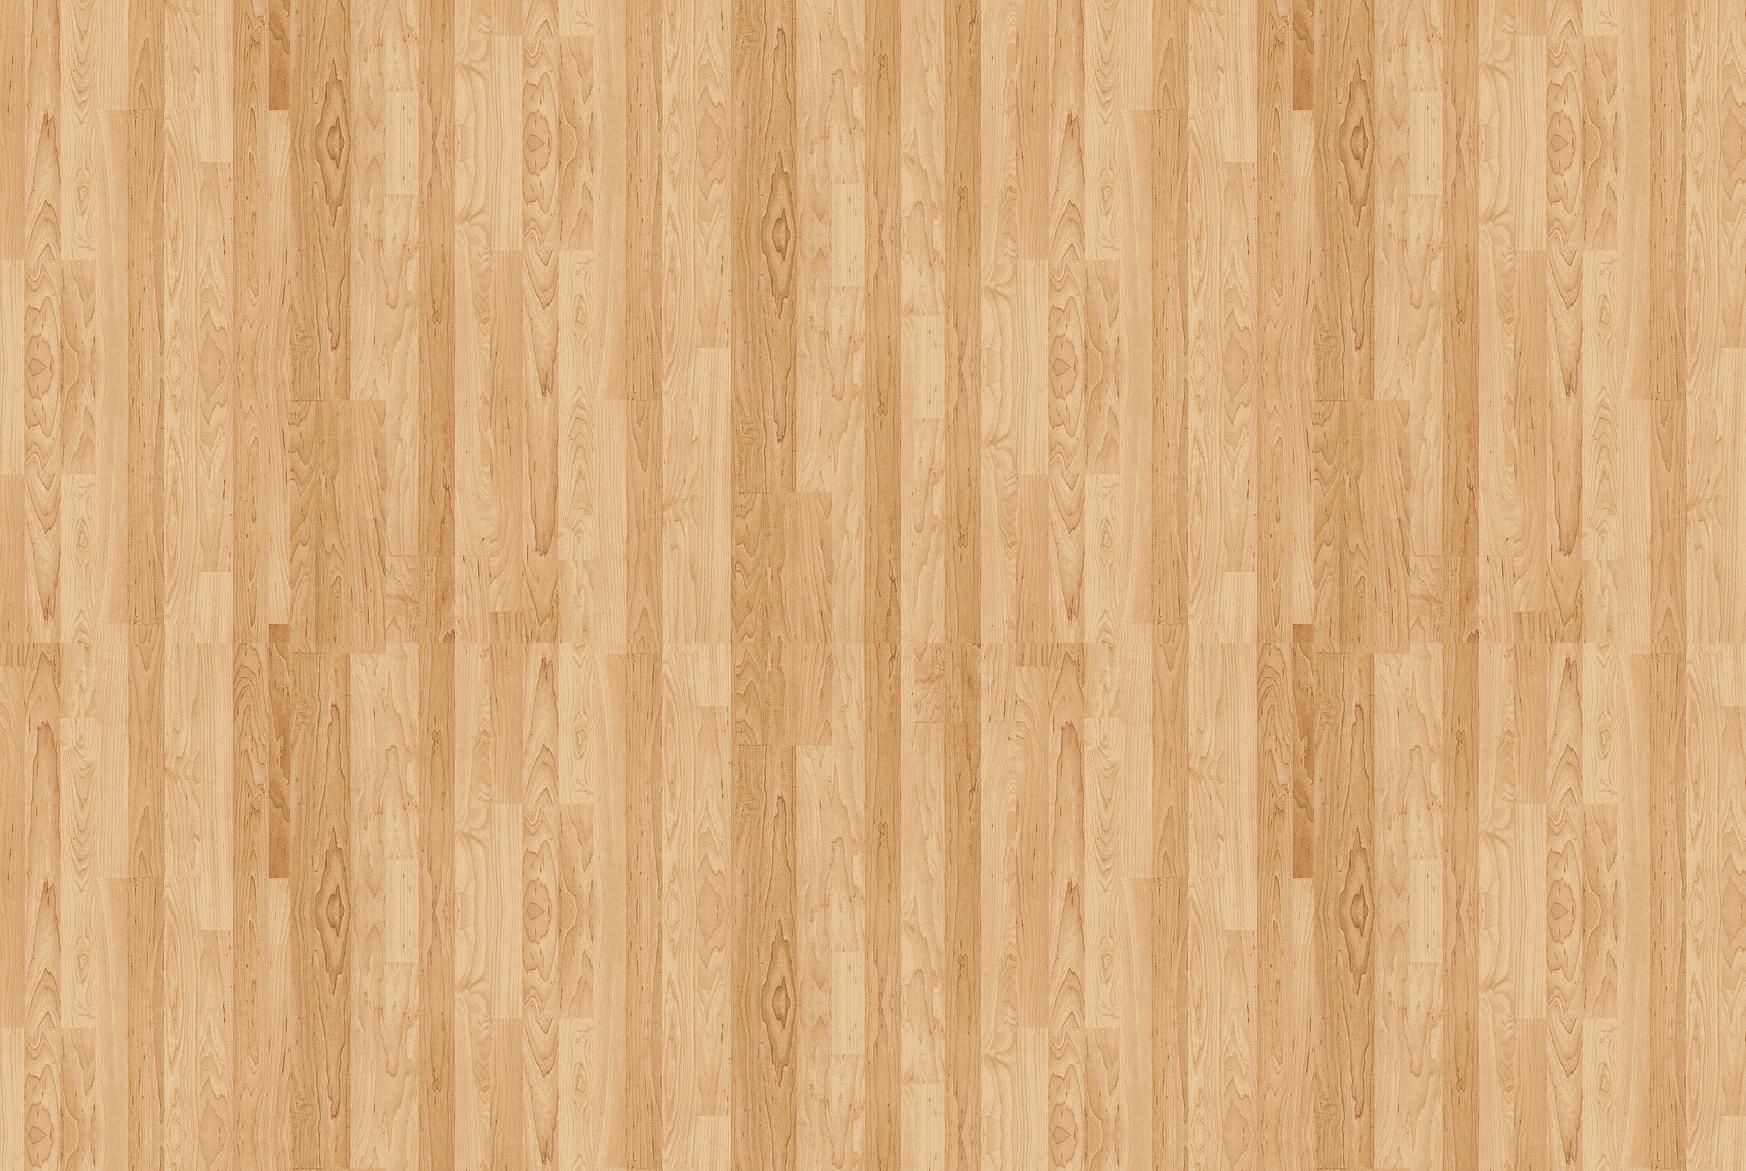 Wood table background hd - Wood Background 004 Hd Wallpaper 4663 Hd Desktop Wallpaper